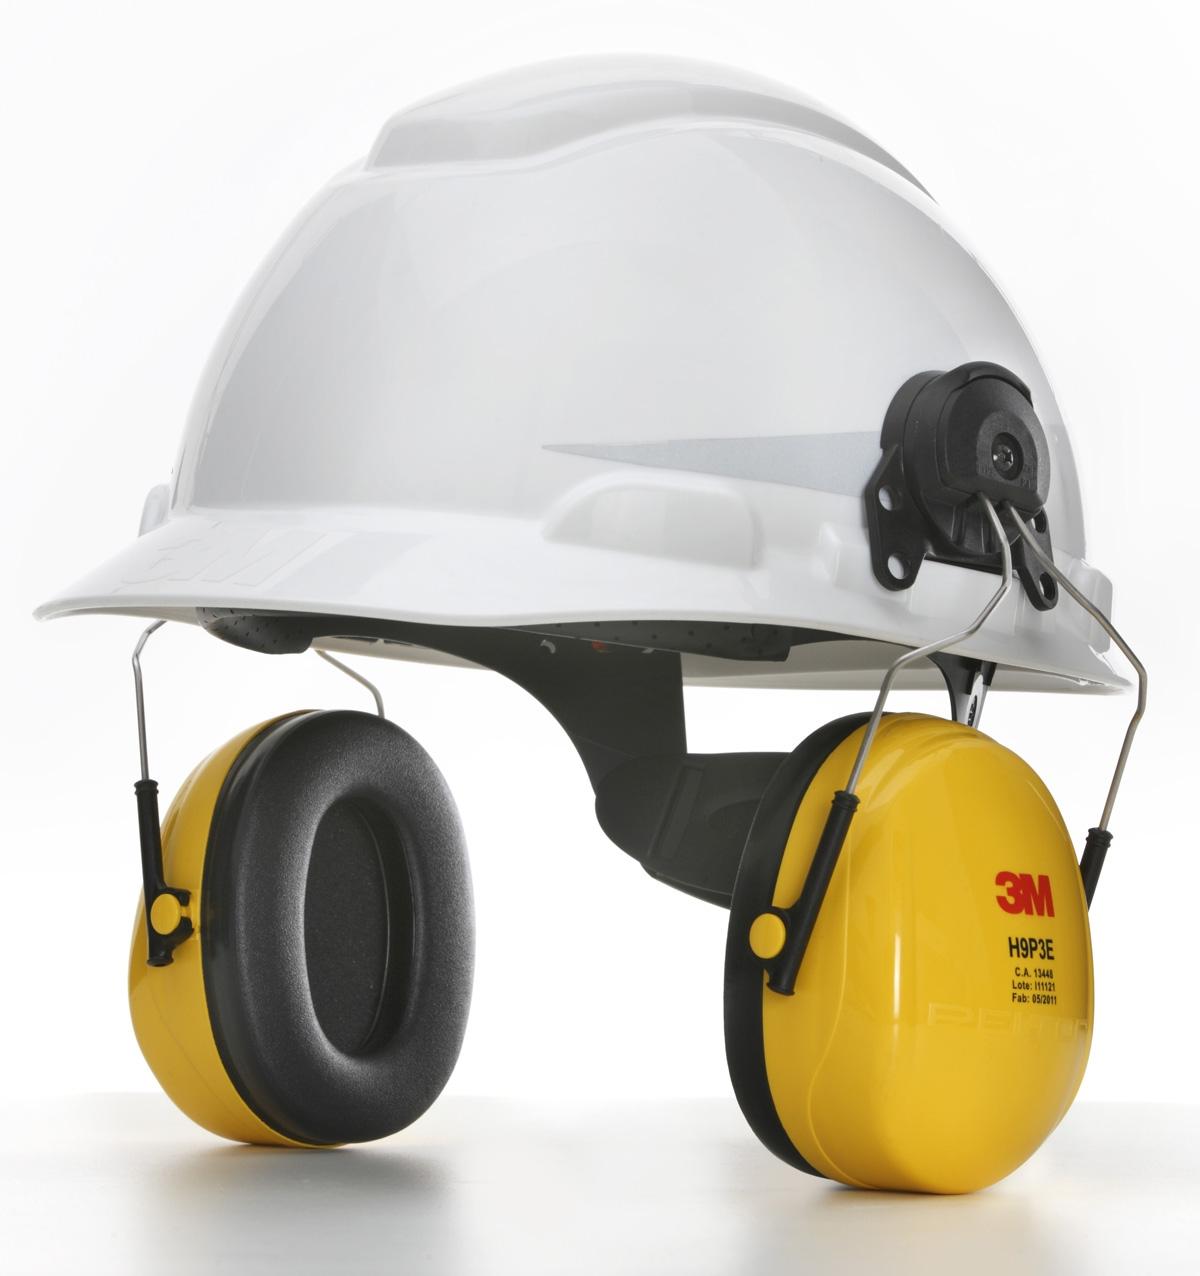 f38e8d5b7ac04 3M lança Capacete H-700 e amplia portfólio para proteção da cabeça  Fabricado no Brasil, produto possui alto nível de estabilidade e conforto A  divisão de ...